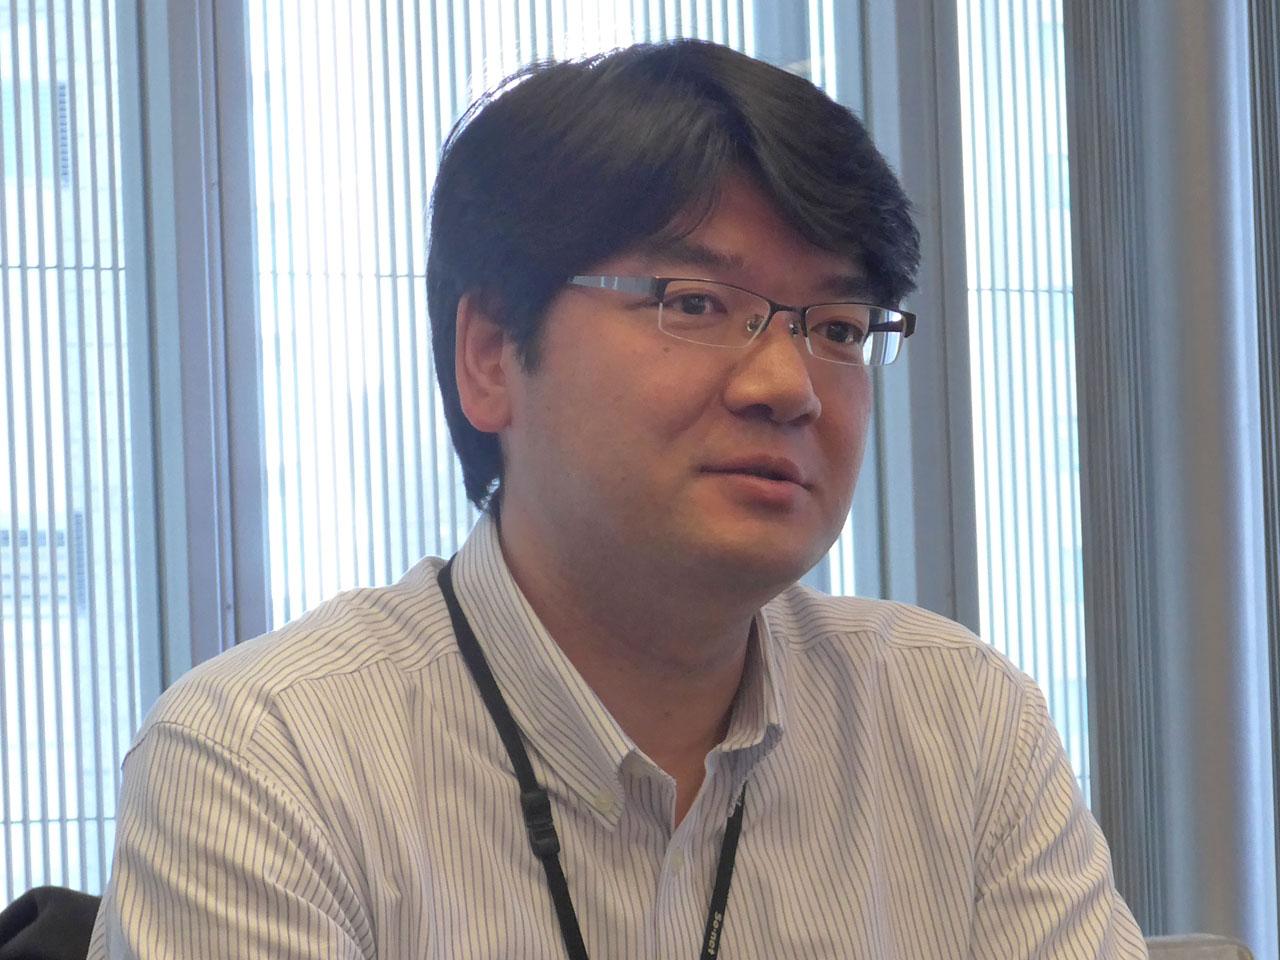 ソニーネットワークコミュニケーションズ株式会社の山口琢也氏(ネットワーク基盤事業部門ネットワーク部ネットワーク運用課課長)